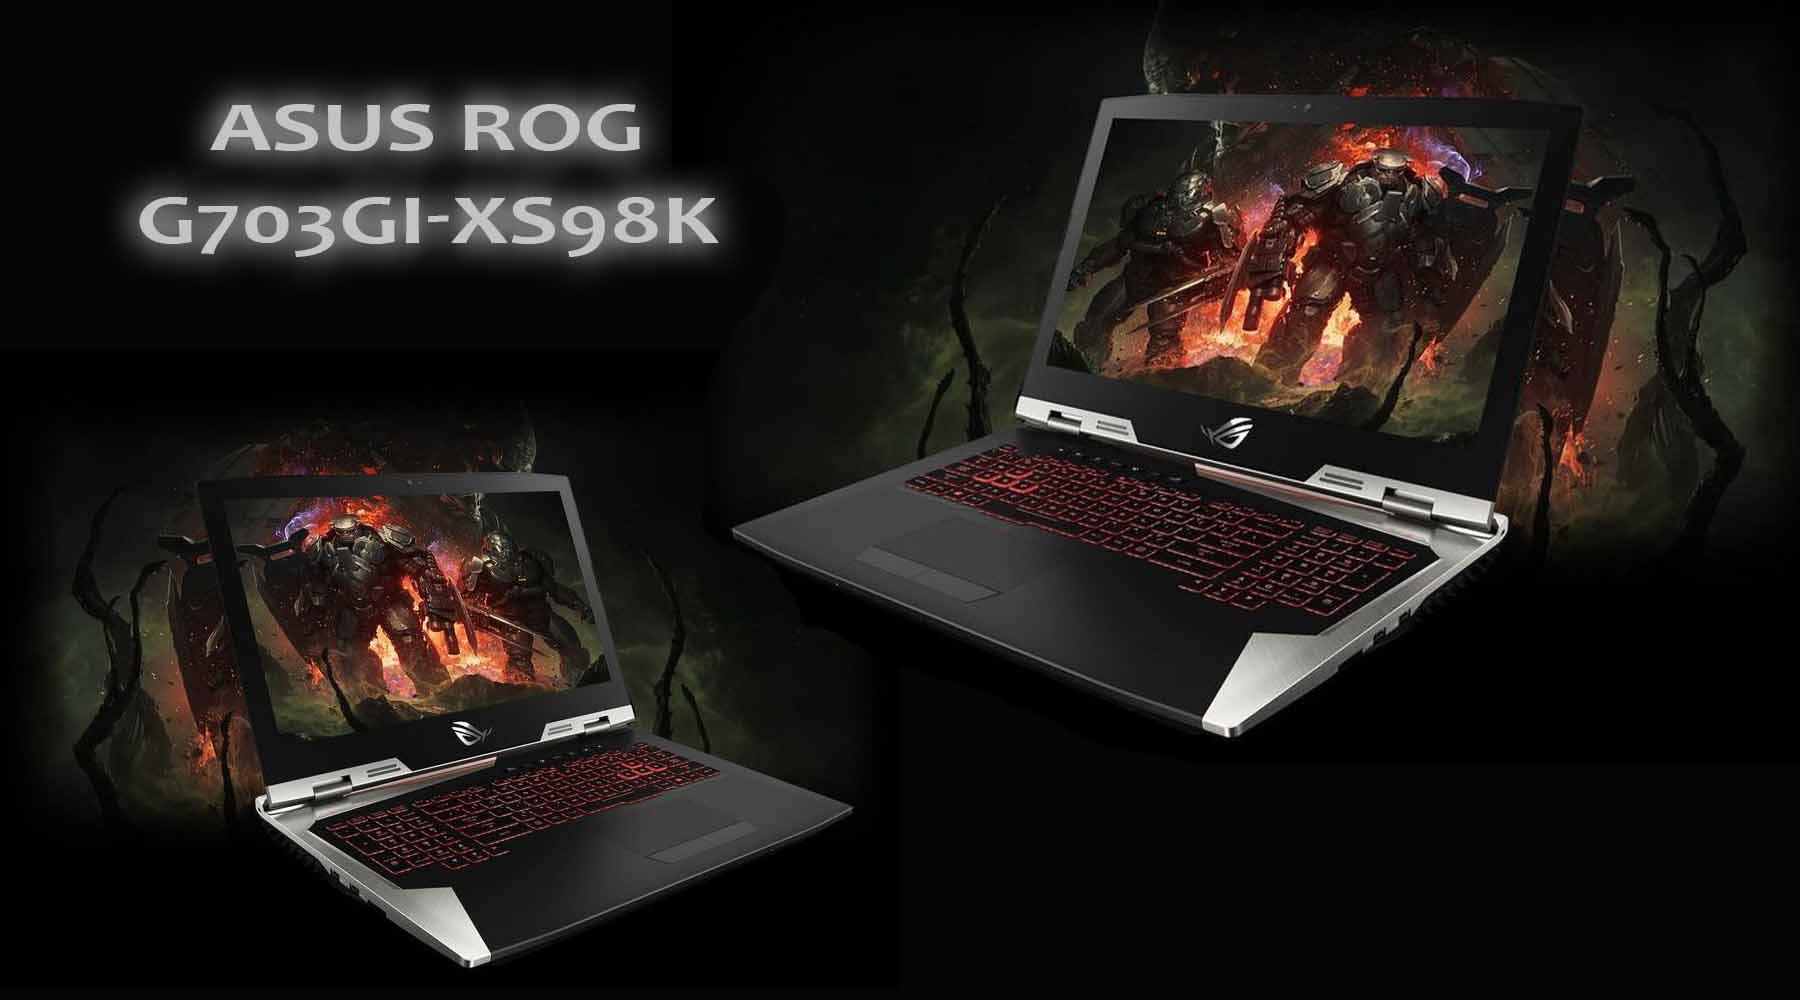 ASUS ROG G703GI-XS98K